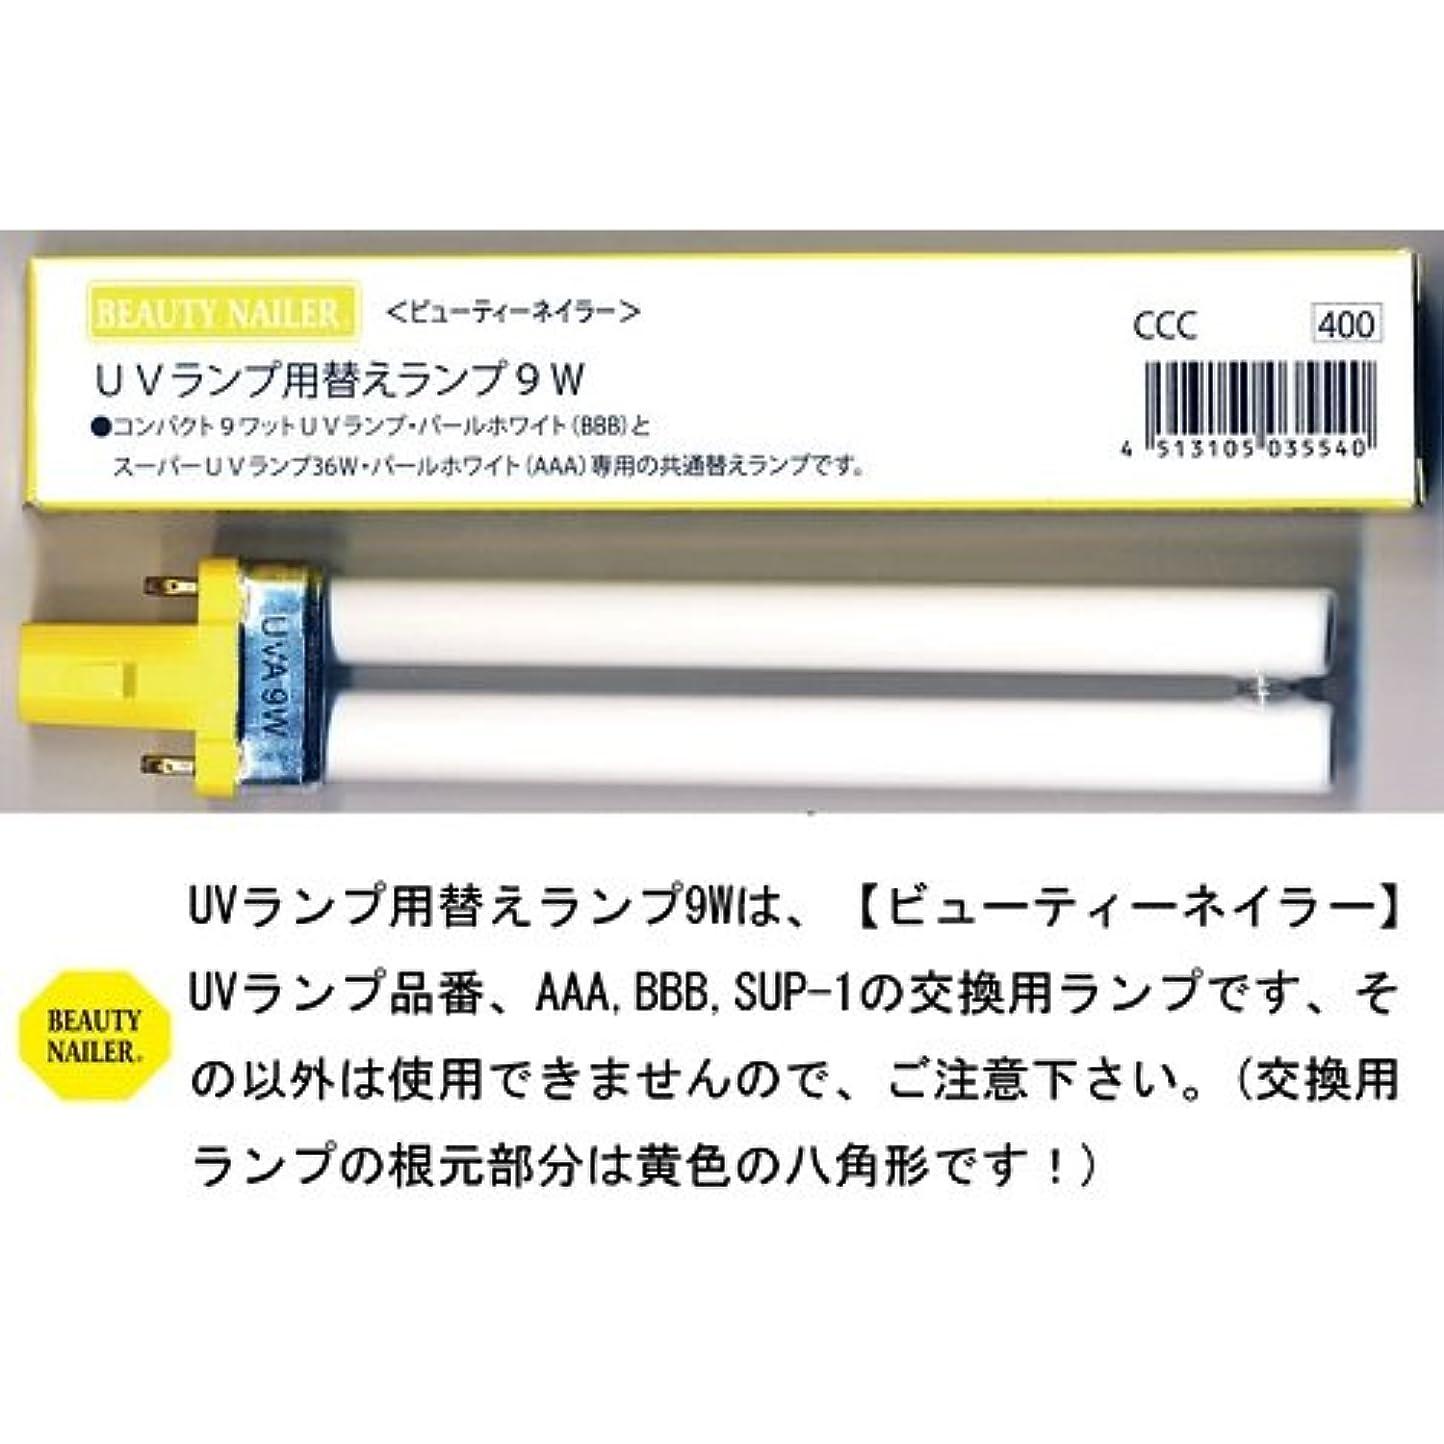 カラスご注意エンティティビューティーネイラー 交換用UVランプ9W 4本セット CCC-4